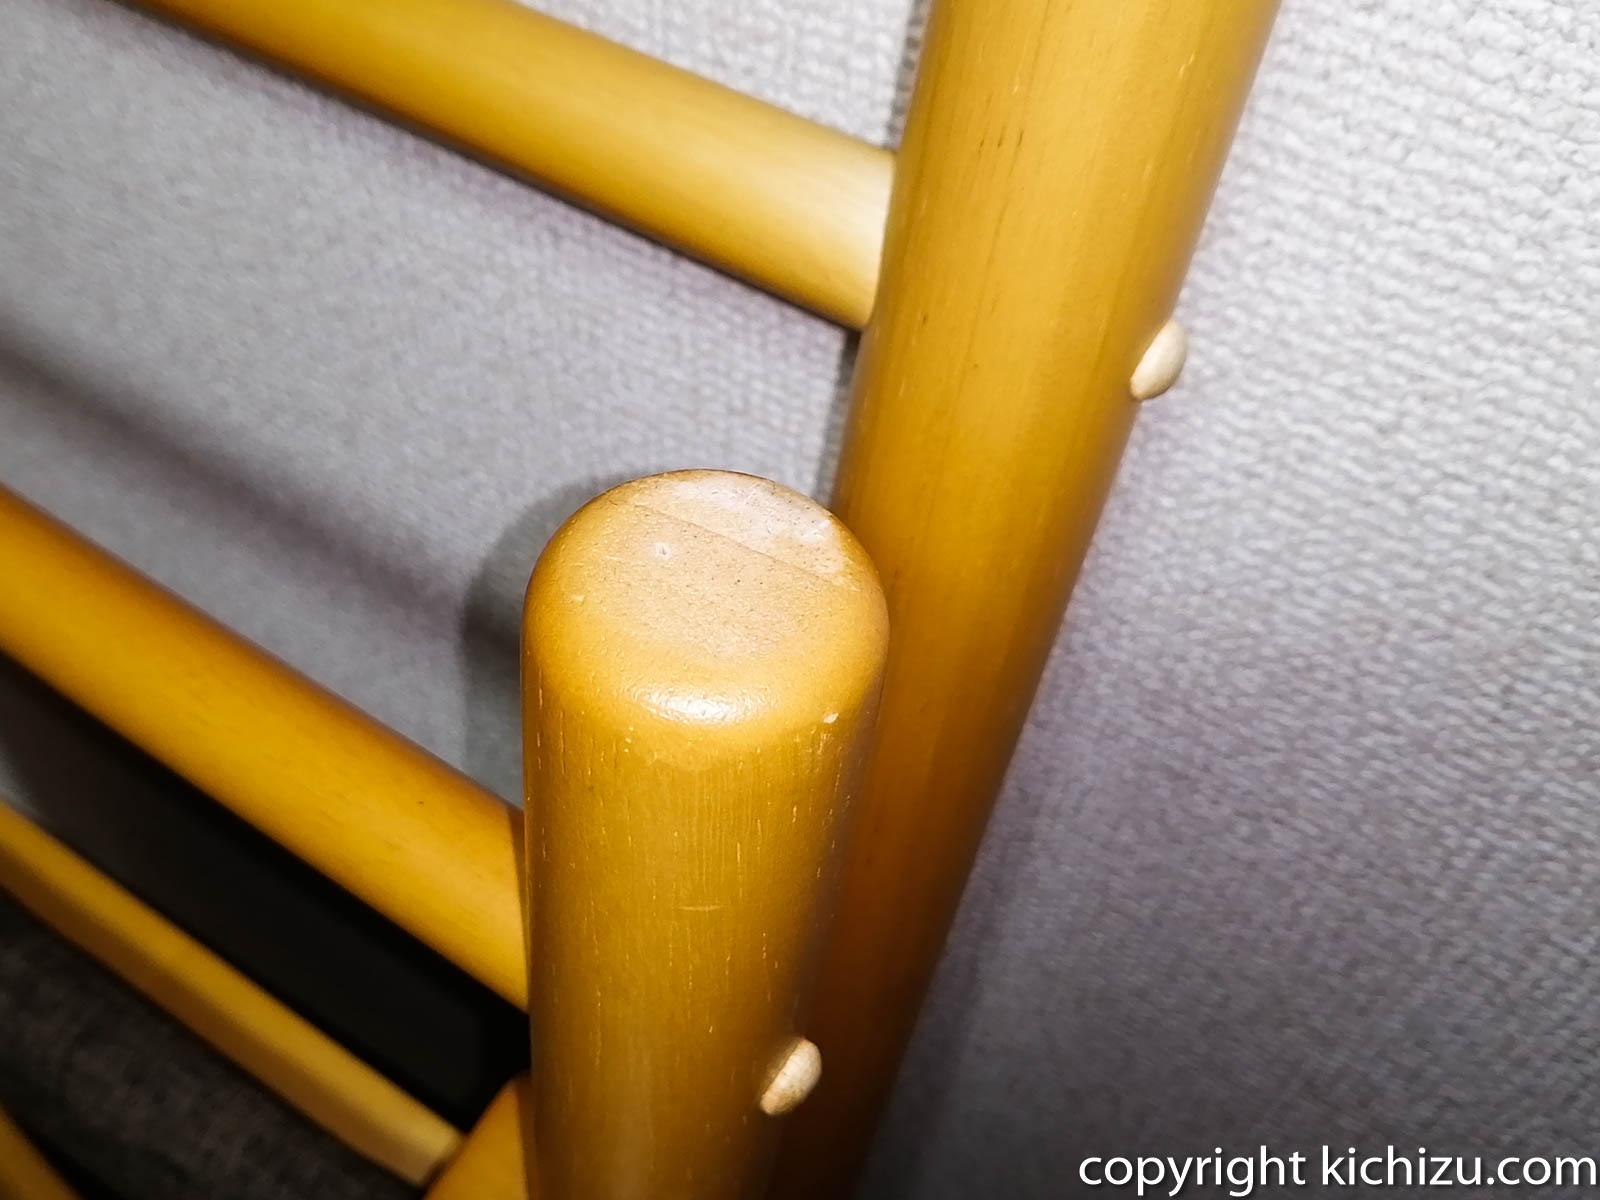 何も加工されてない椅子の足の裏